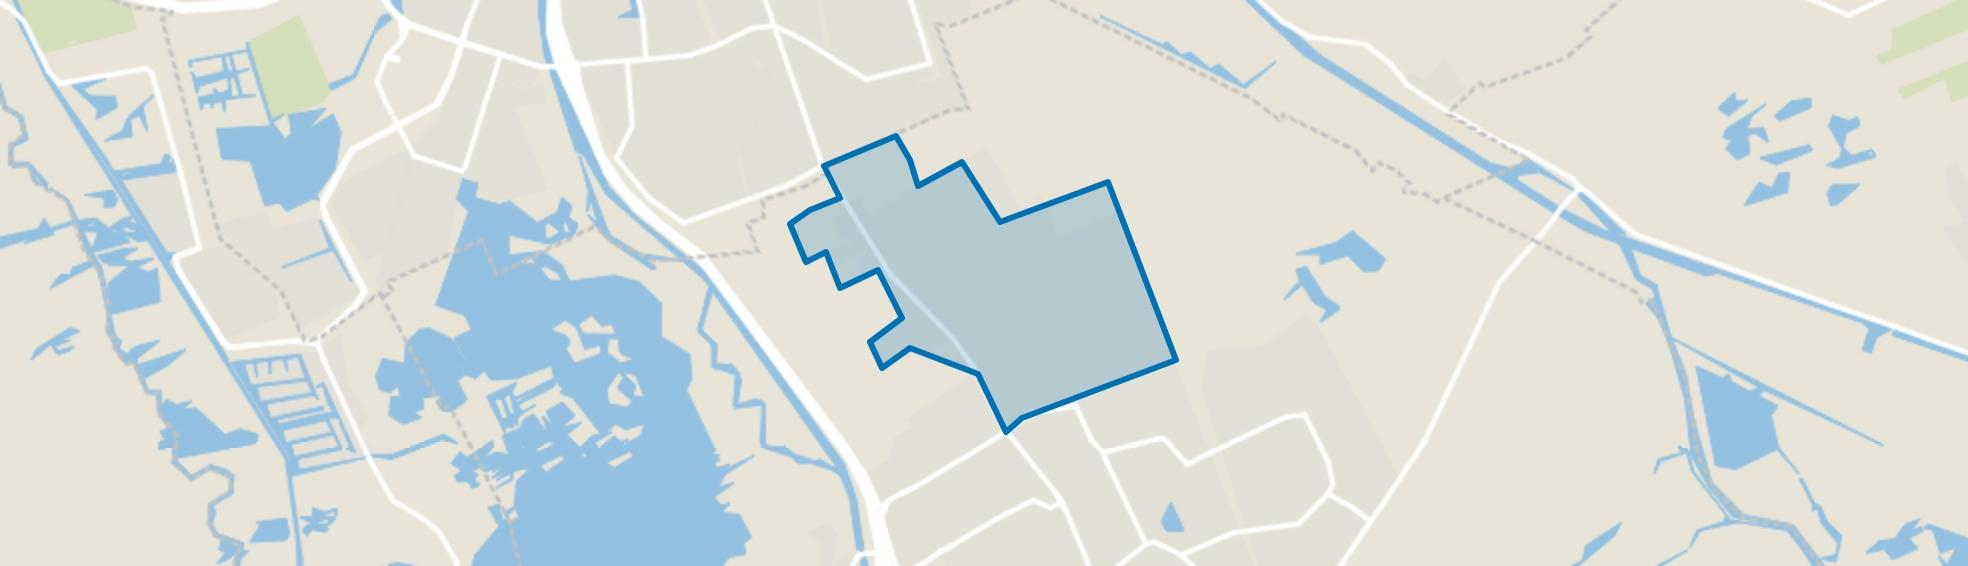 Haren-Noord, Haren (GR) map